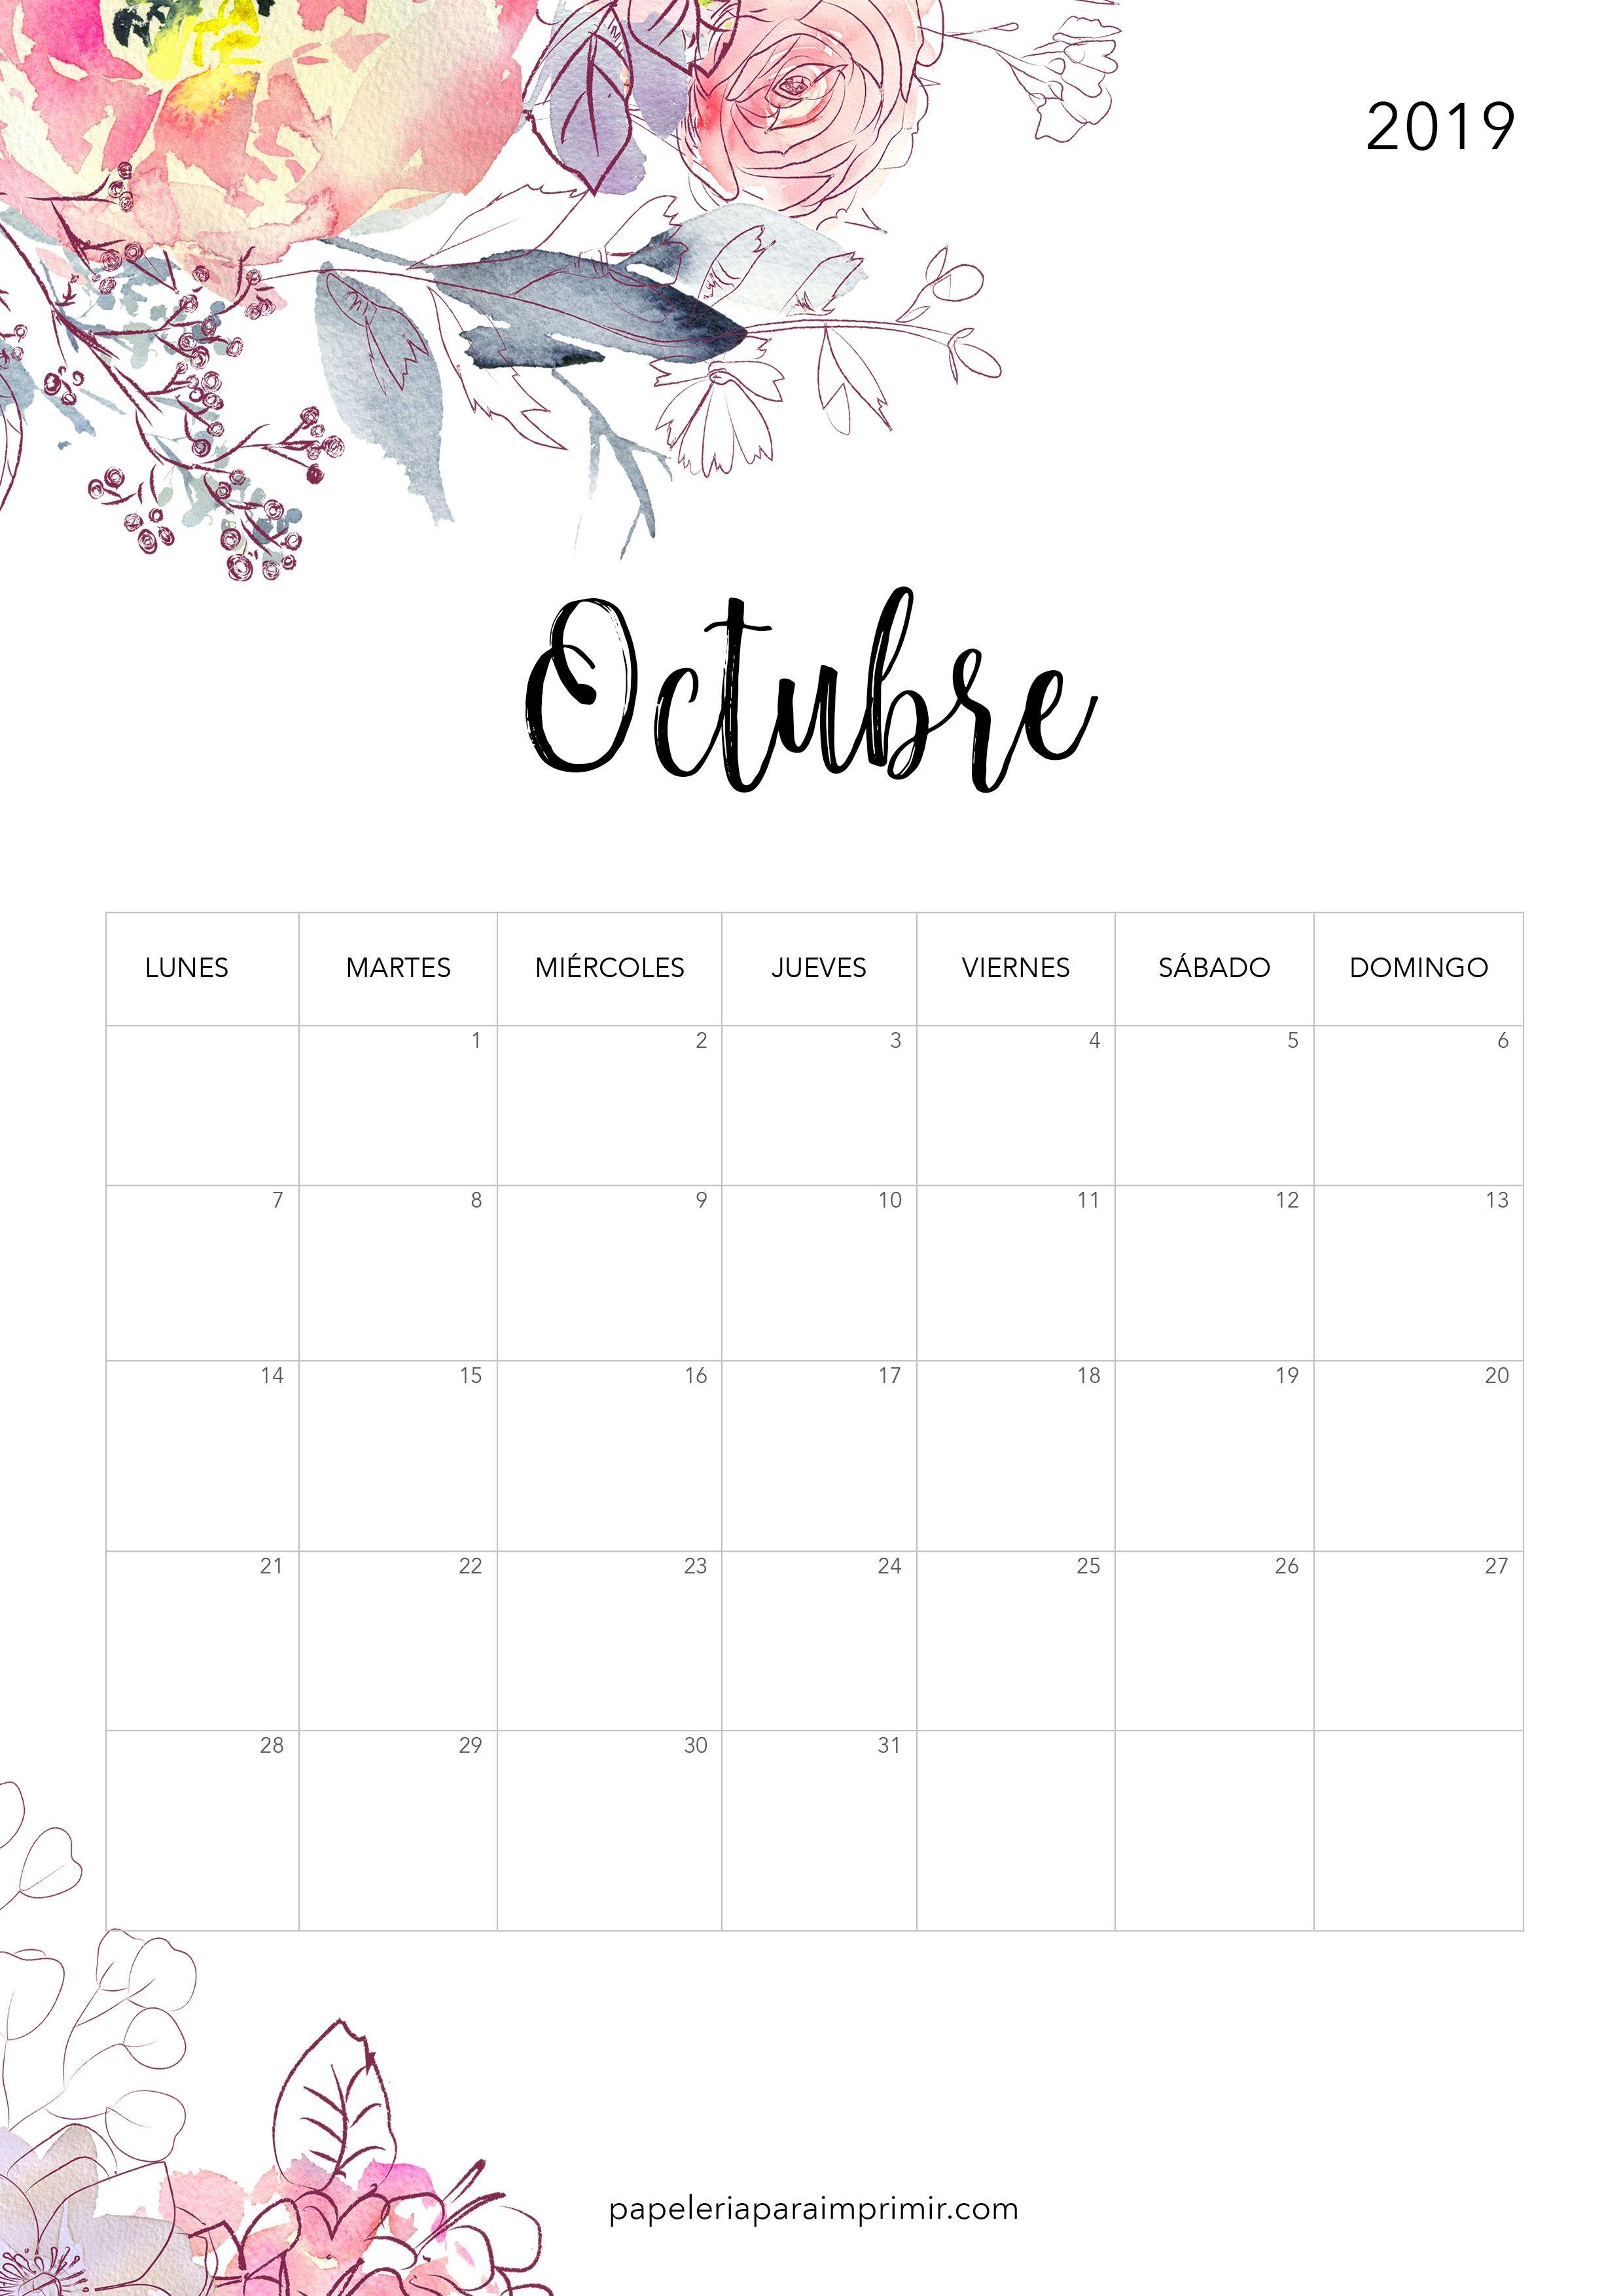 Calendario 2020 Dias Festivos España Más Actual Papeleria Para Imprimir Papeleriaparaimprimir En Pinterest Of Calendario 2020 Dias Festivos España Más Actual Espanolbycenter Embarazo Calendario Del Embarazo